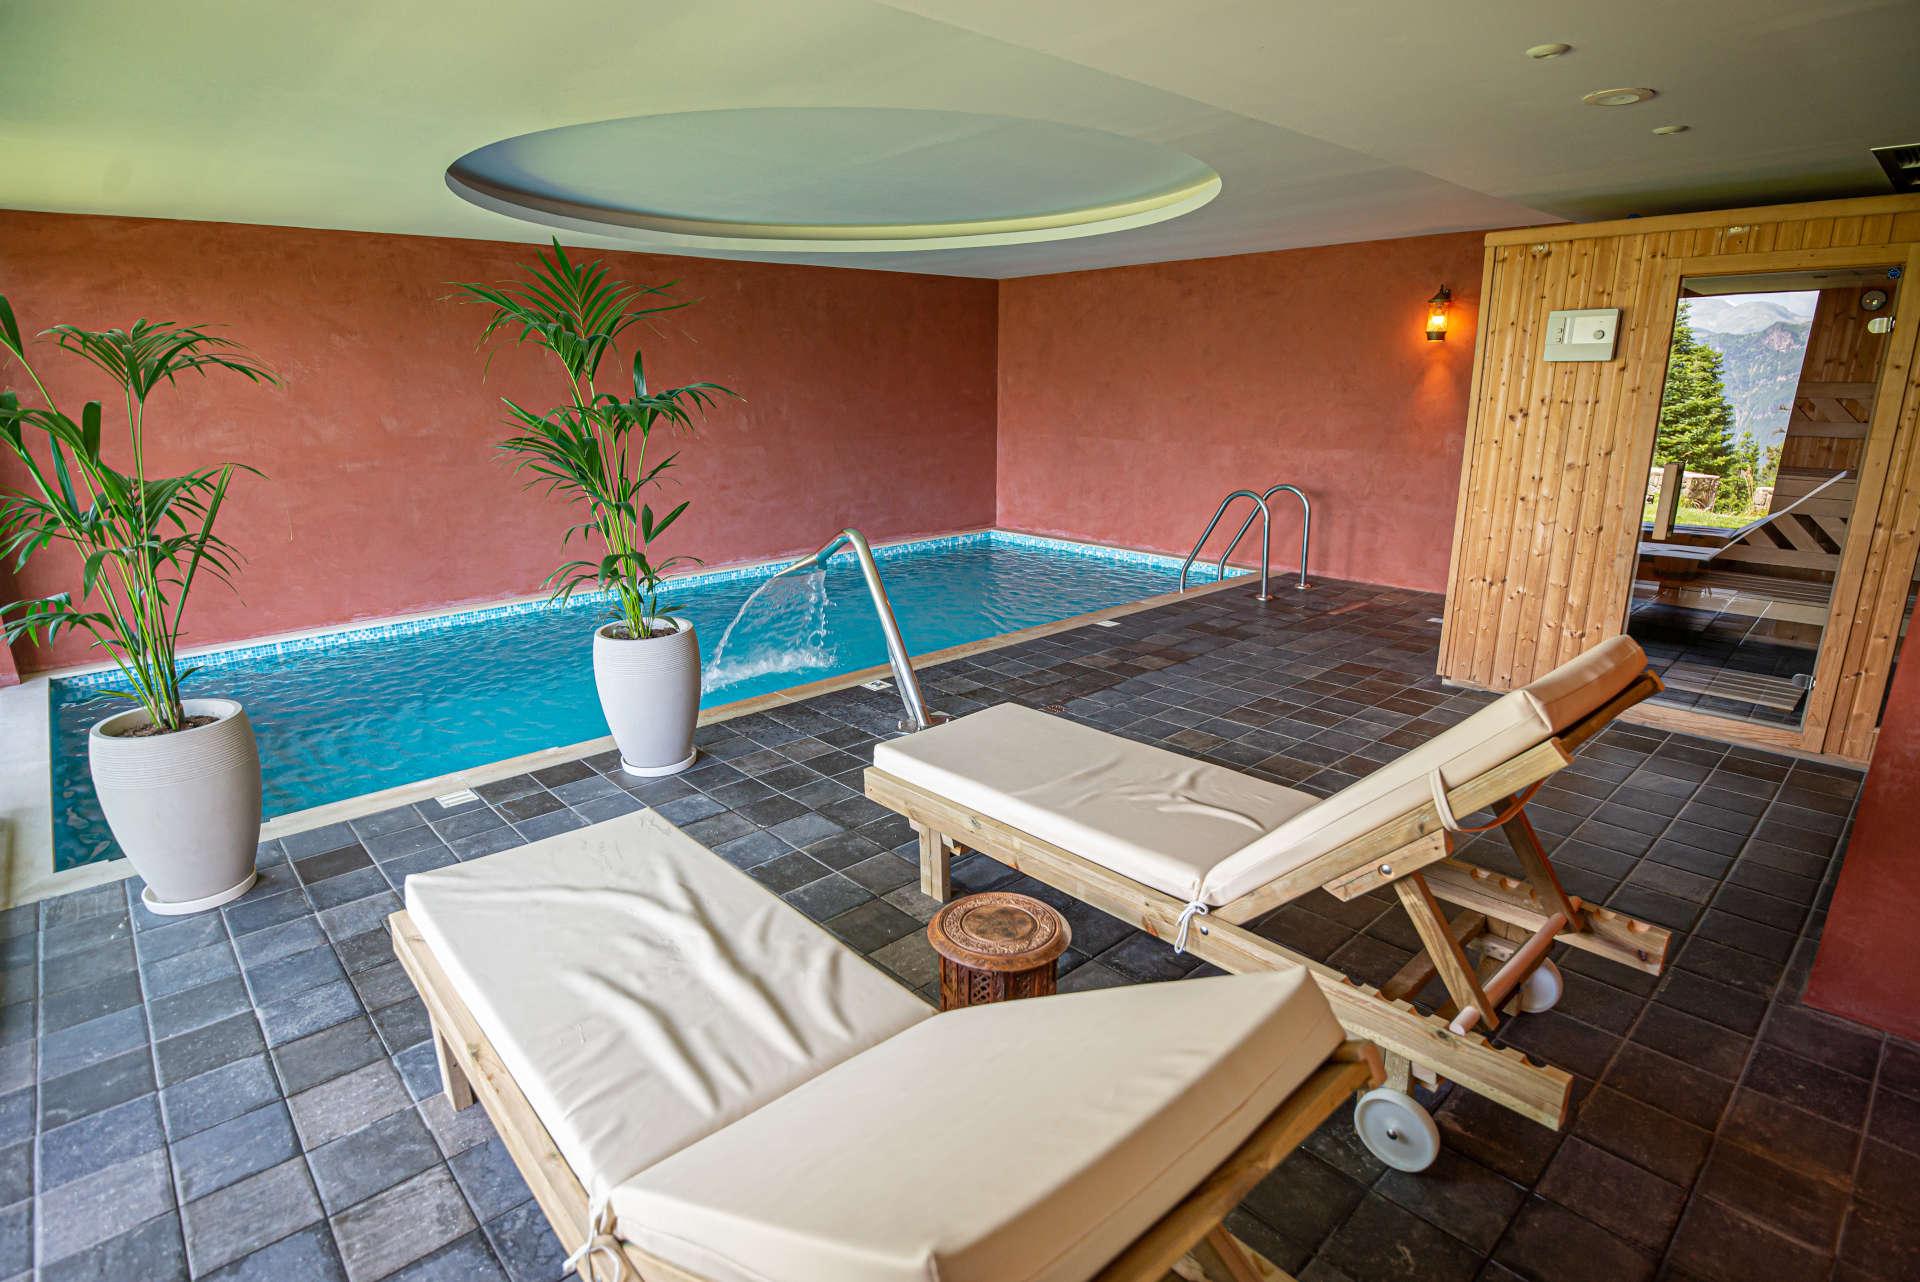 εσωτερική πισίνα και σάουνα στο ξενοδοχείο Ανάβαση